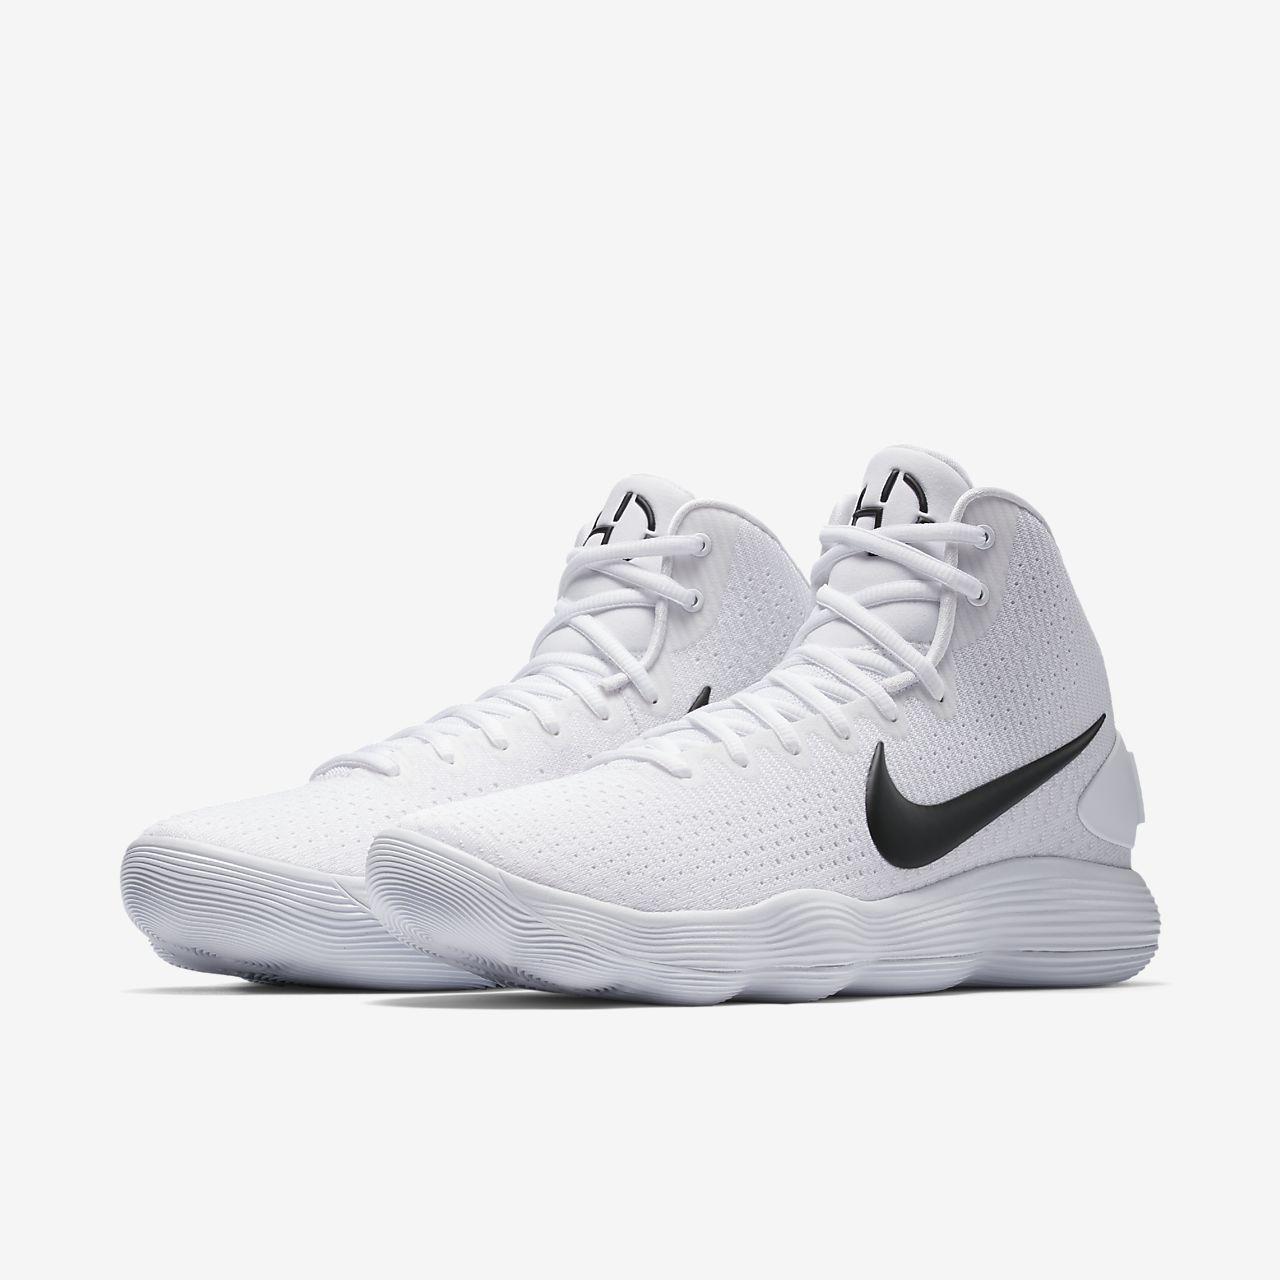 brand new 8ceab 4c3f9 Nike Hyperdunk 2017 (Team) Basketball Shoe   Stuff I want   Nike ...